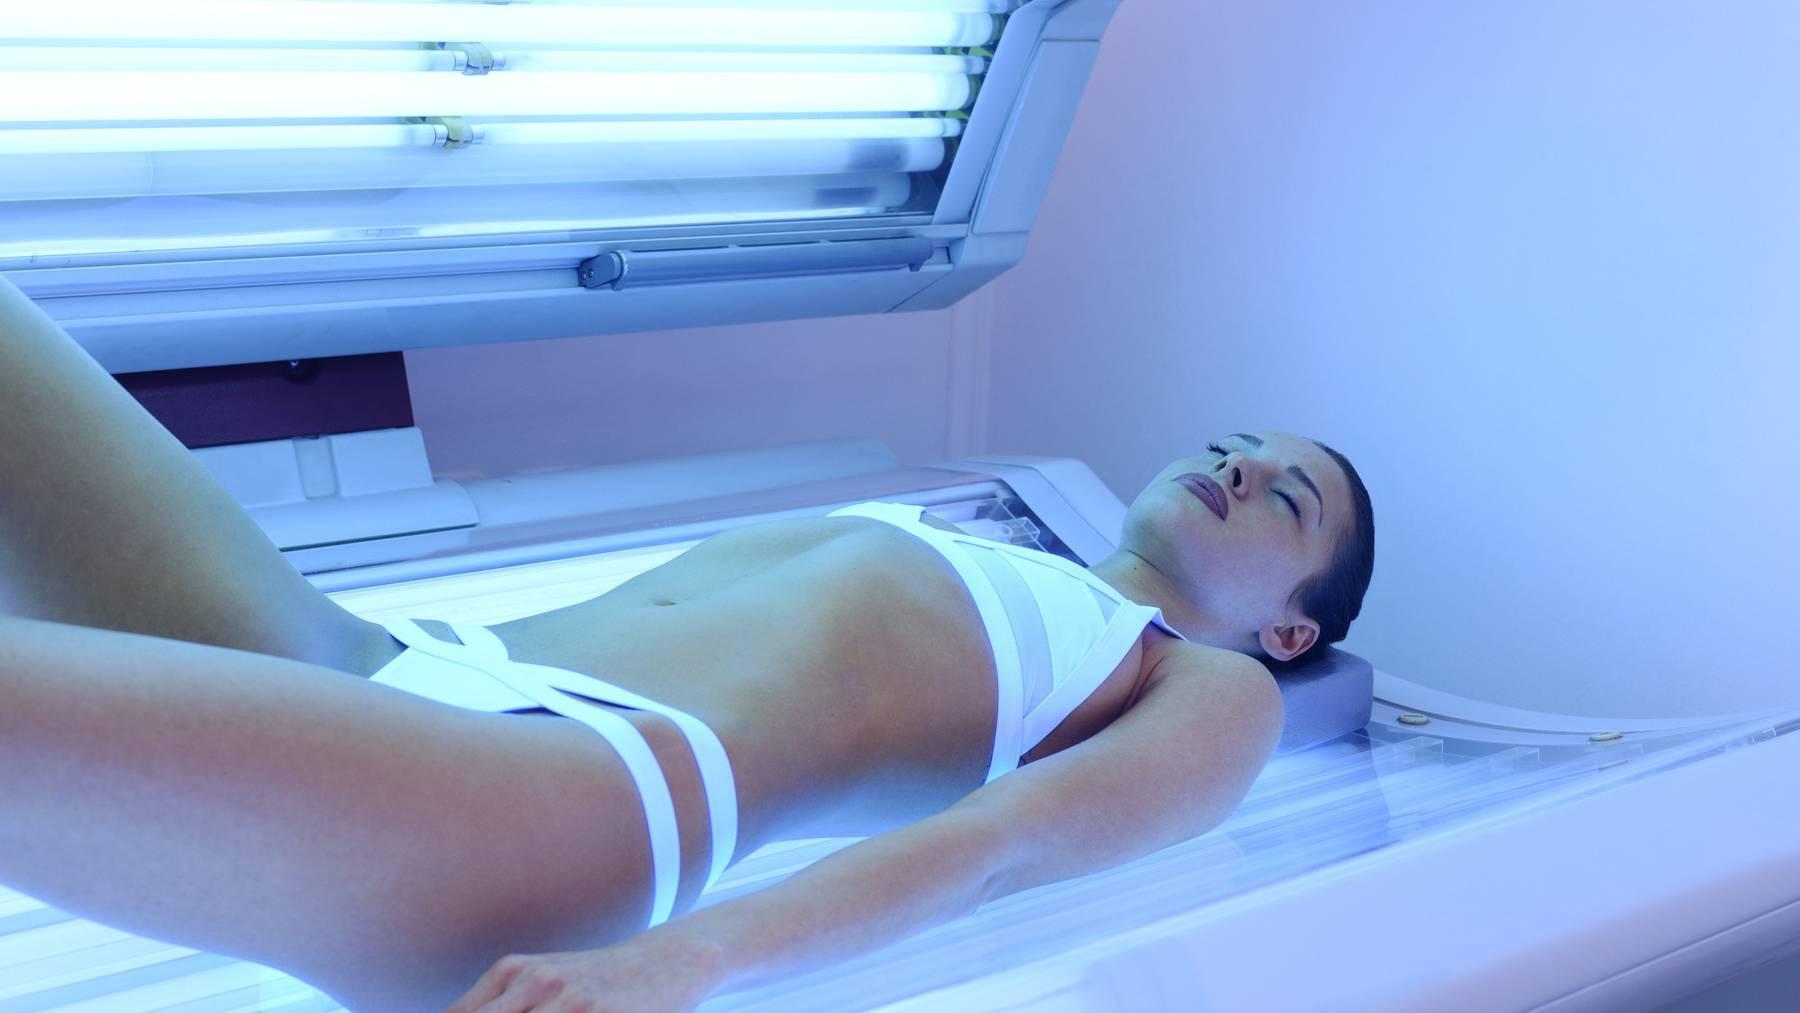 Bräunen im Solarium erhöht das Risiko für Hautkrebs. (Symbolbild)